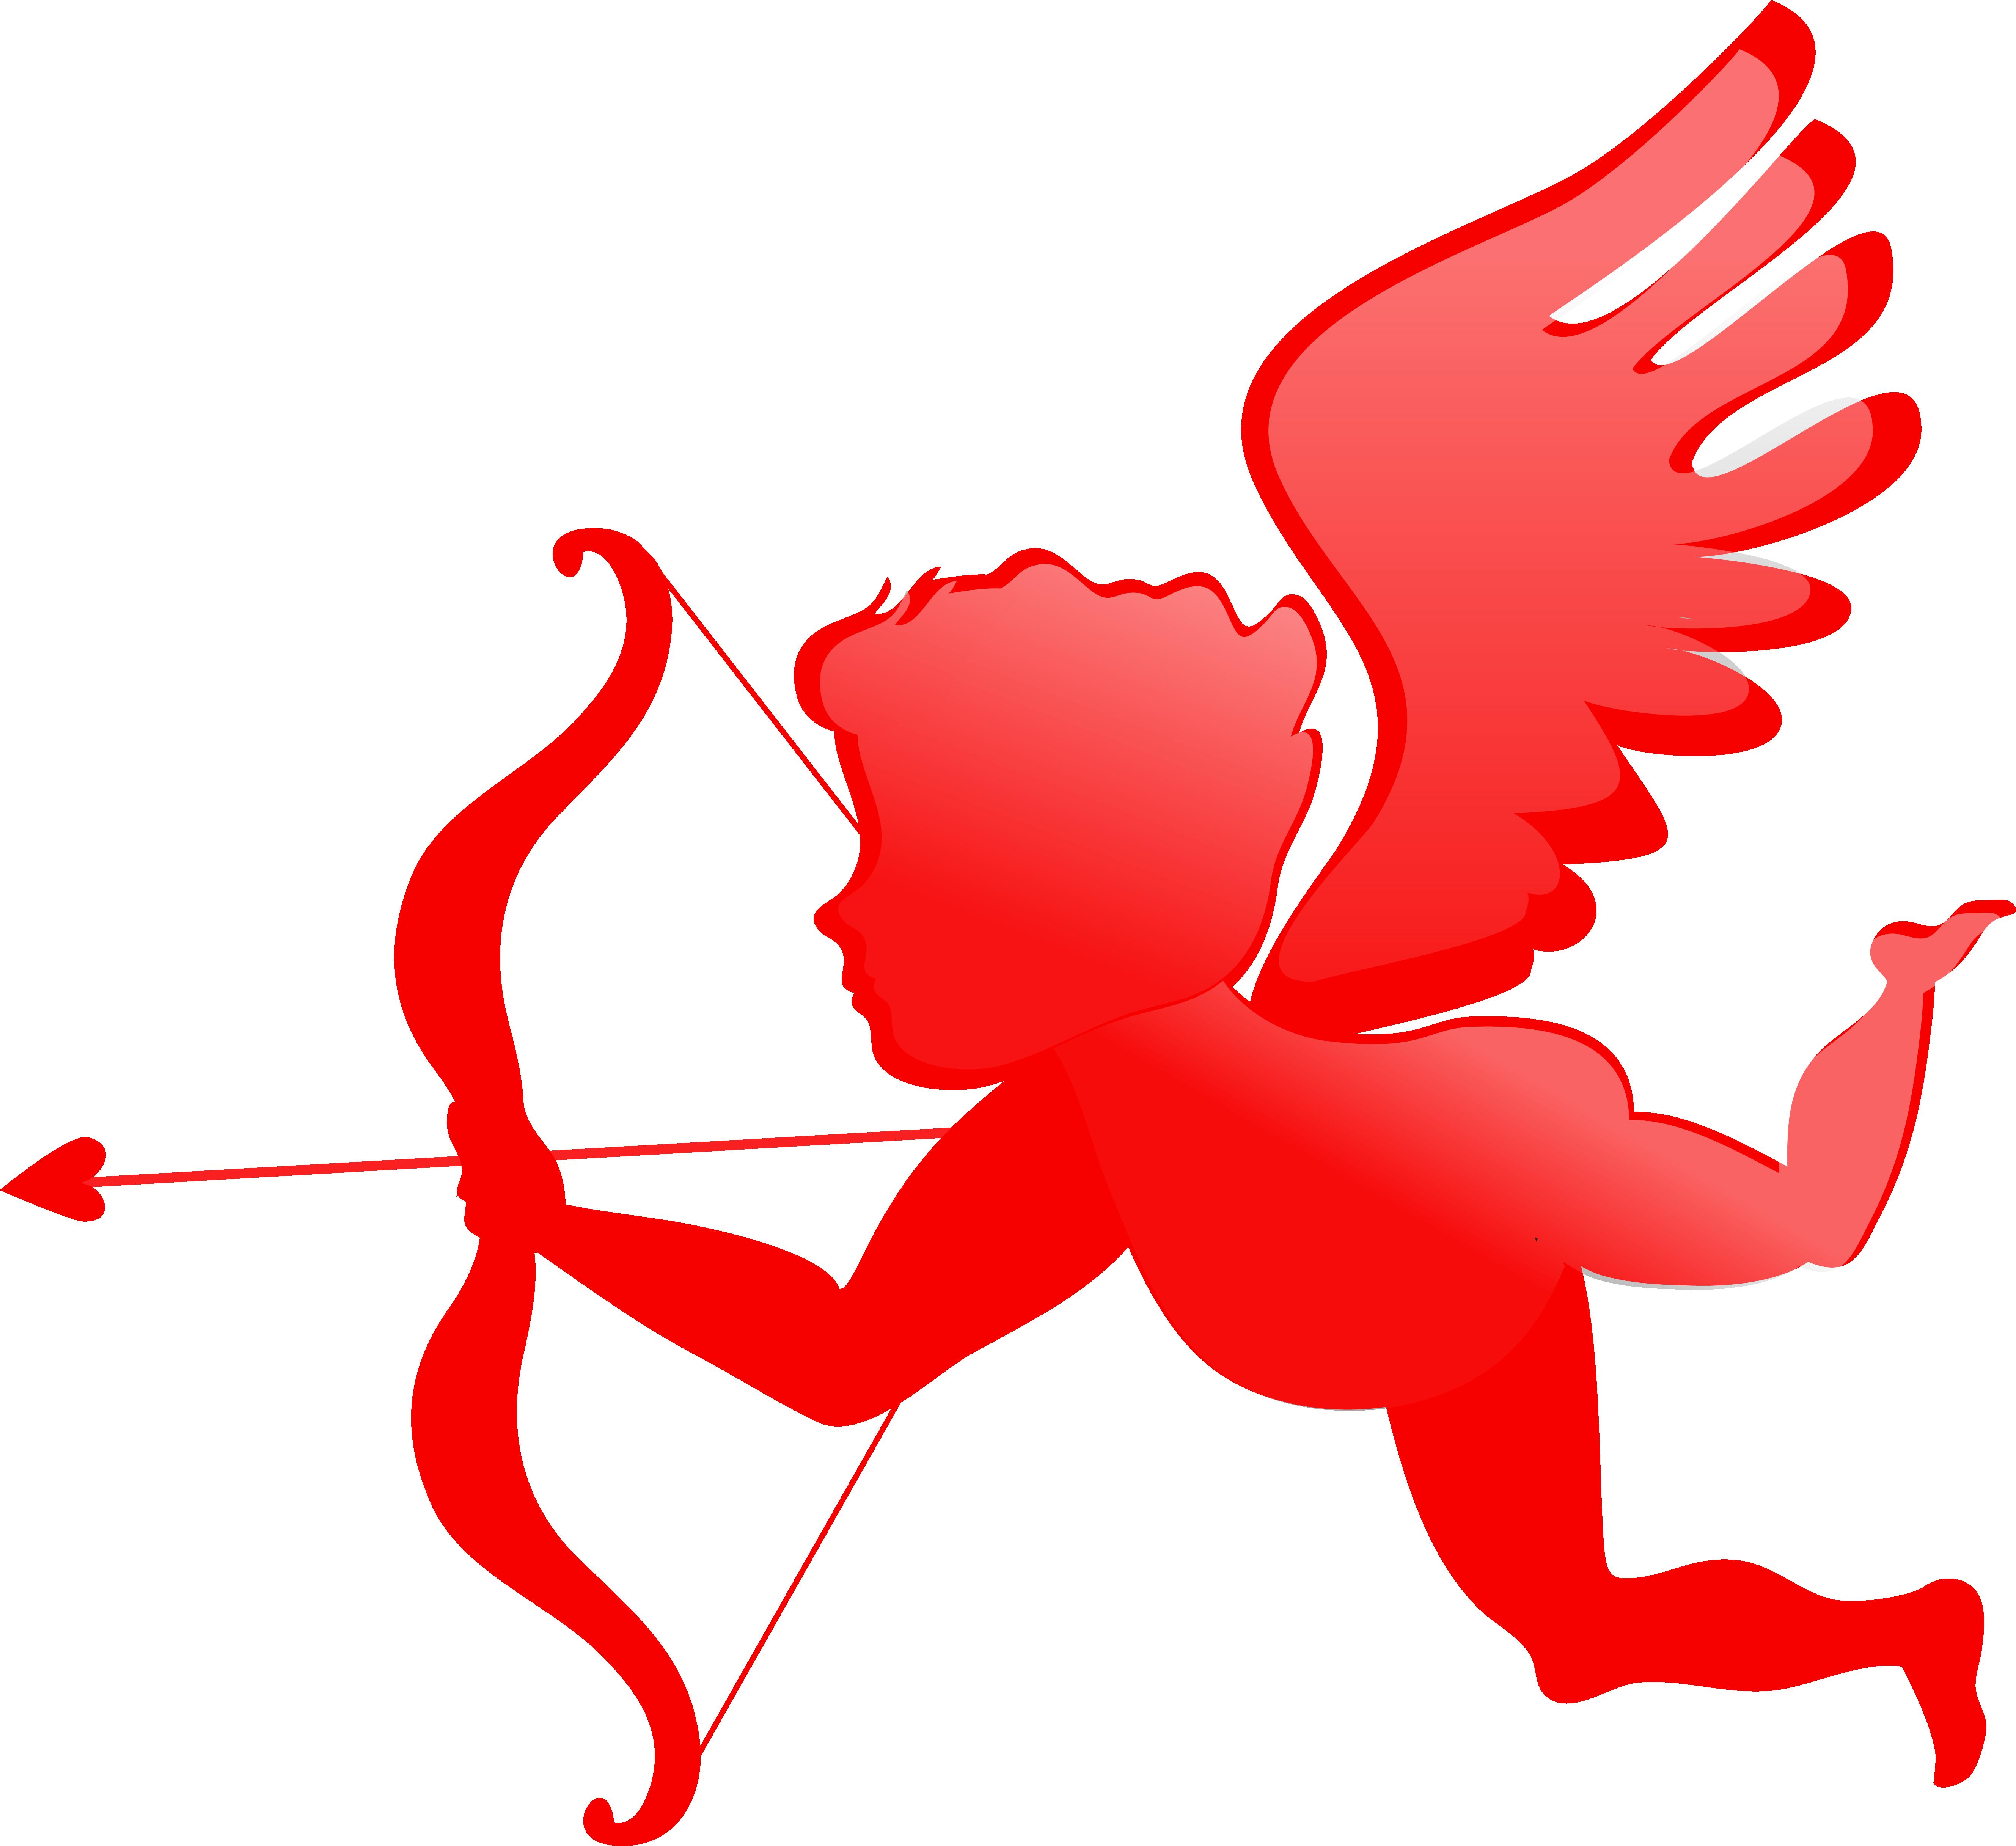 Download Cherub Valentines Day Cupid Angel Clip Art.